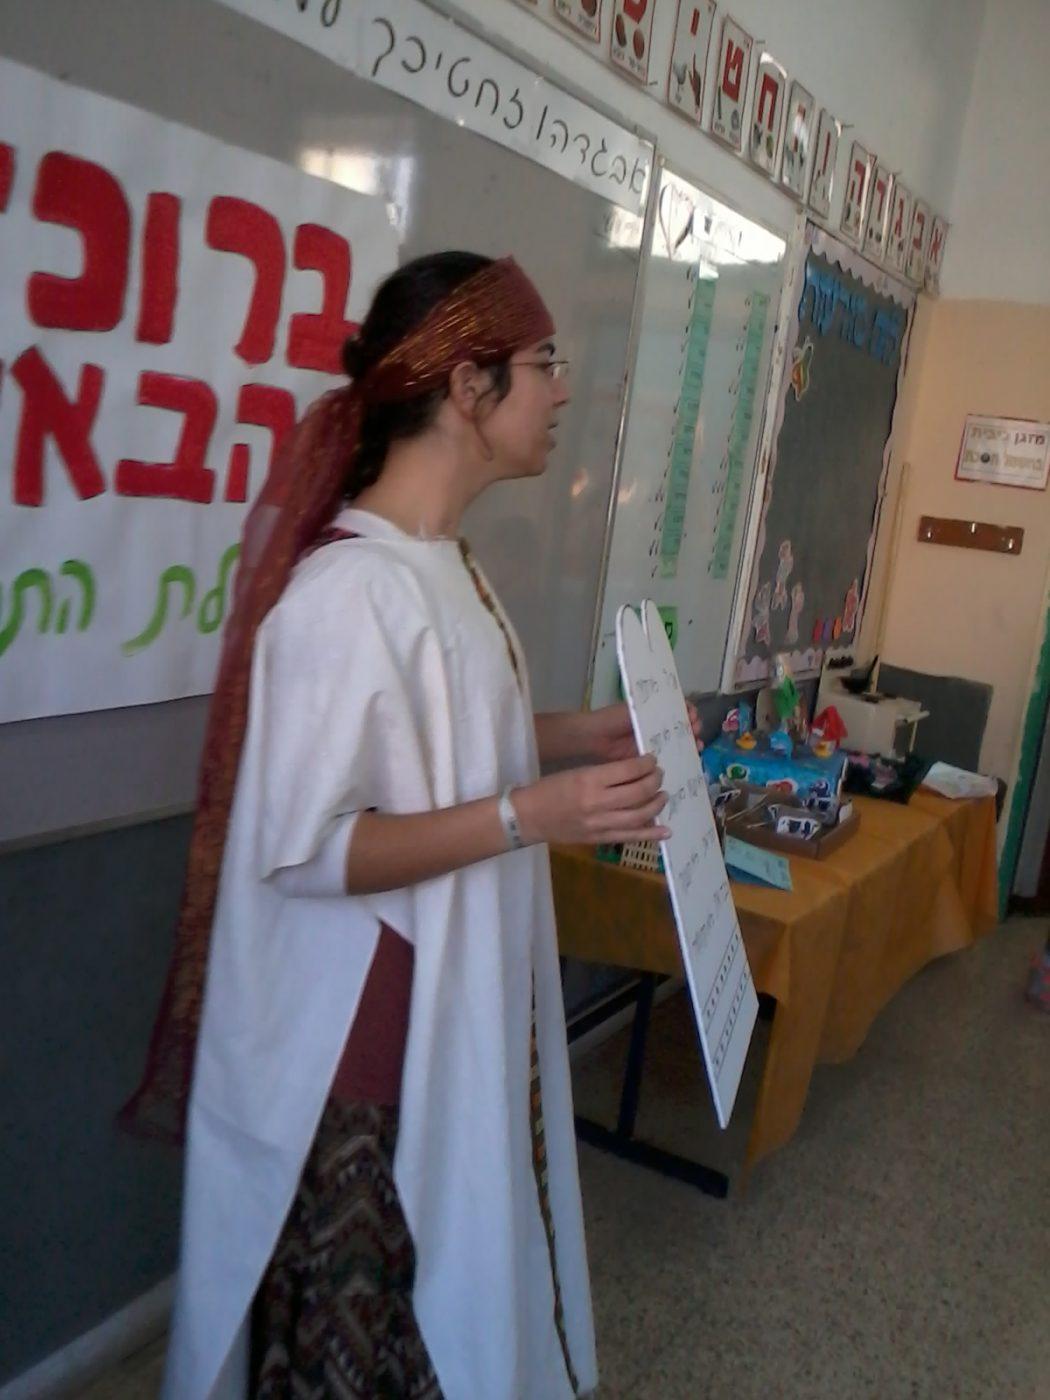 בת שירות מהמרכז זהות באור יהודה מעבירה שיעור בכיתה על מתן תורה